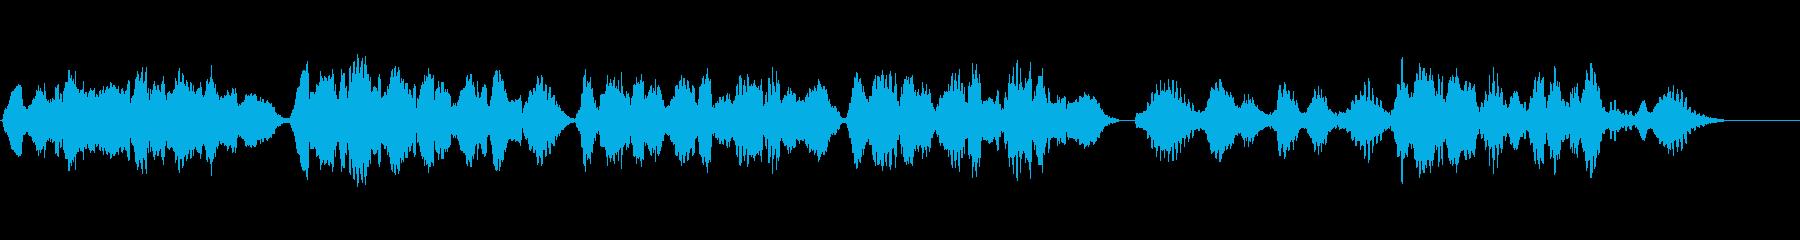 【バイオリン生演奏】埴生の宿(伴奏なし)の再生済みの波形